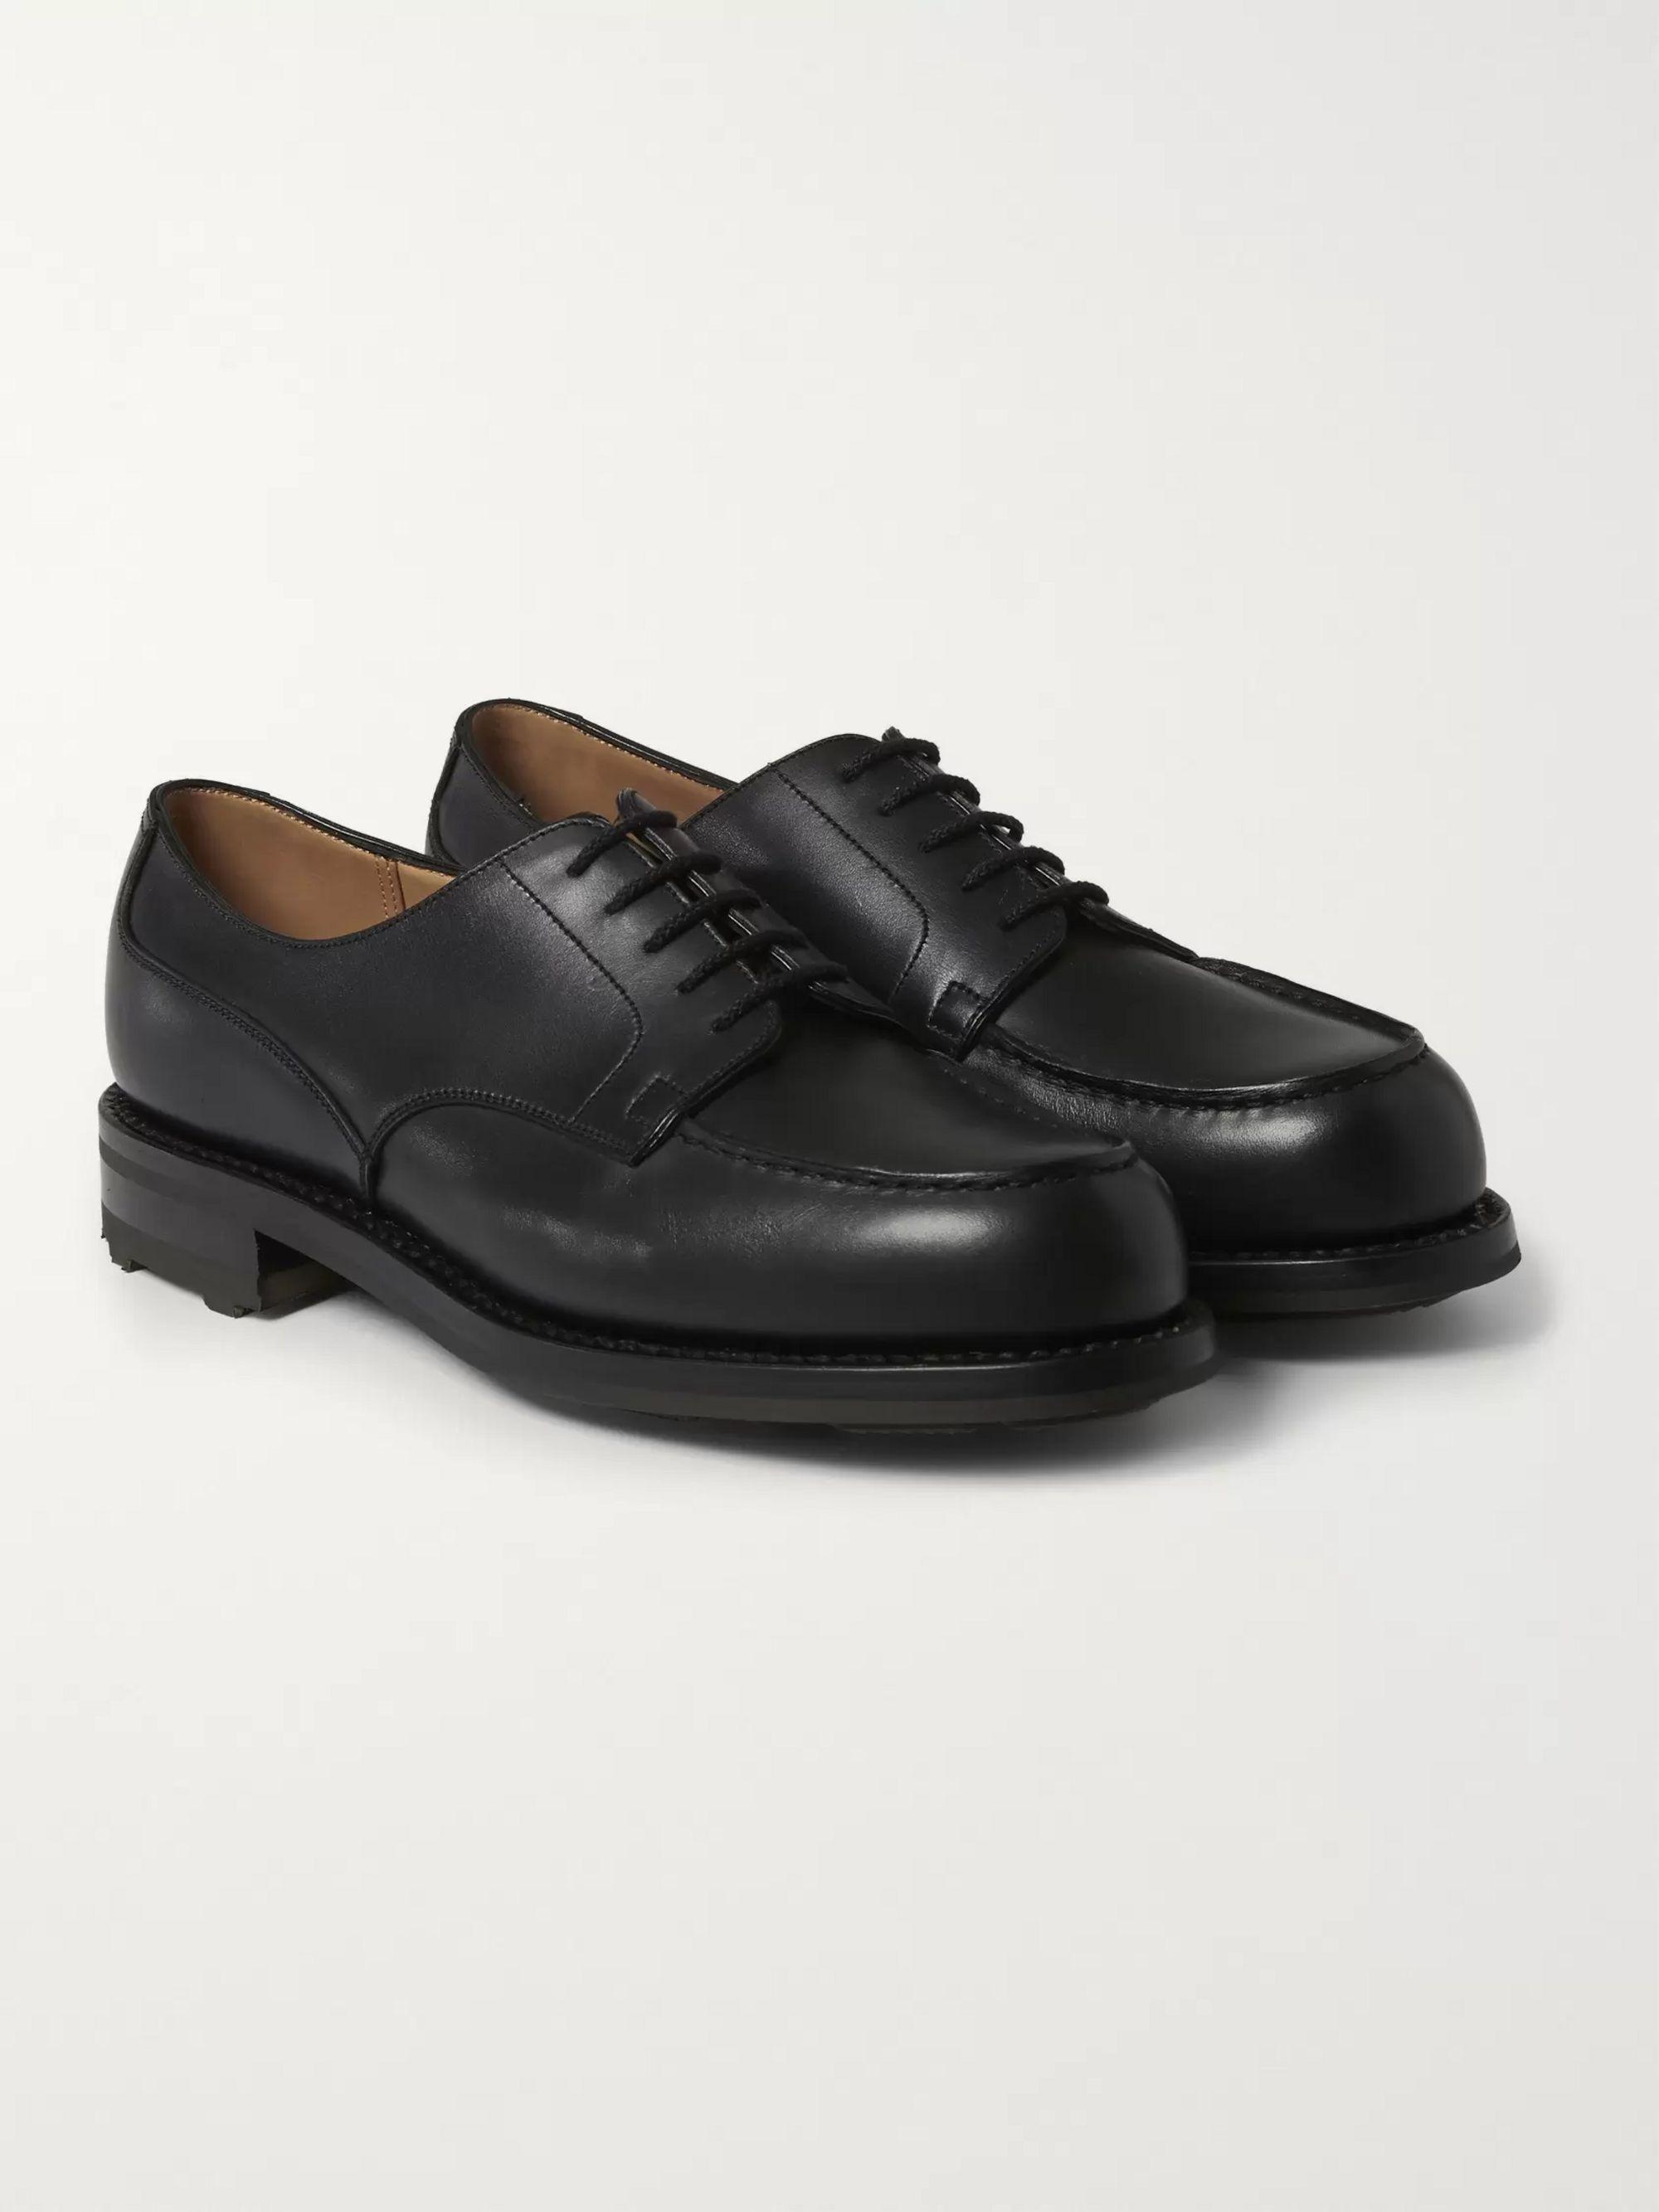 2019 original meilleur site web Acheter Authentic 641 Leather Derby Shoes